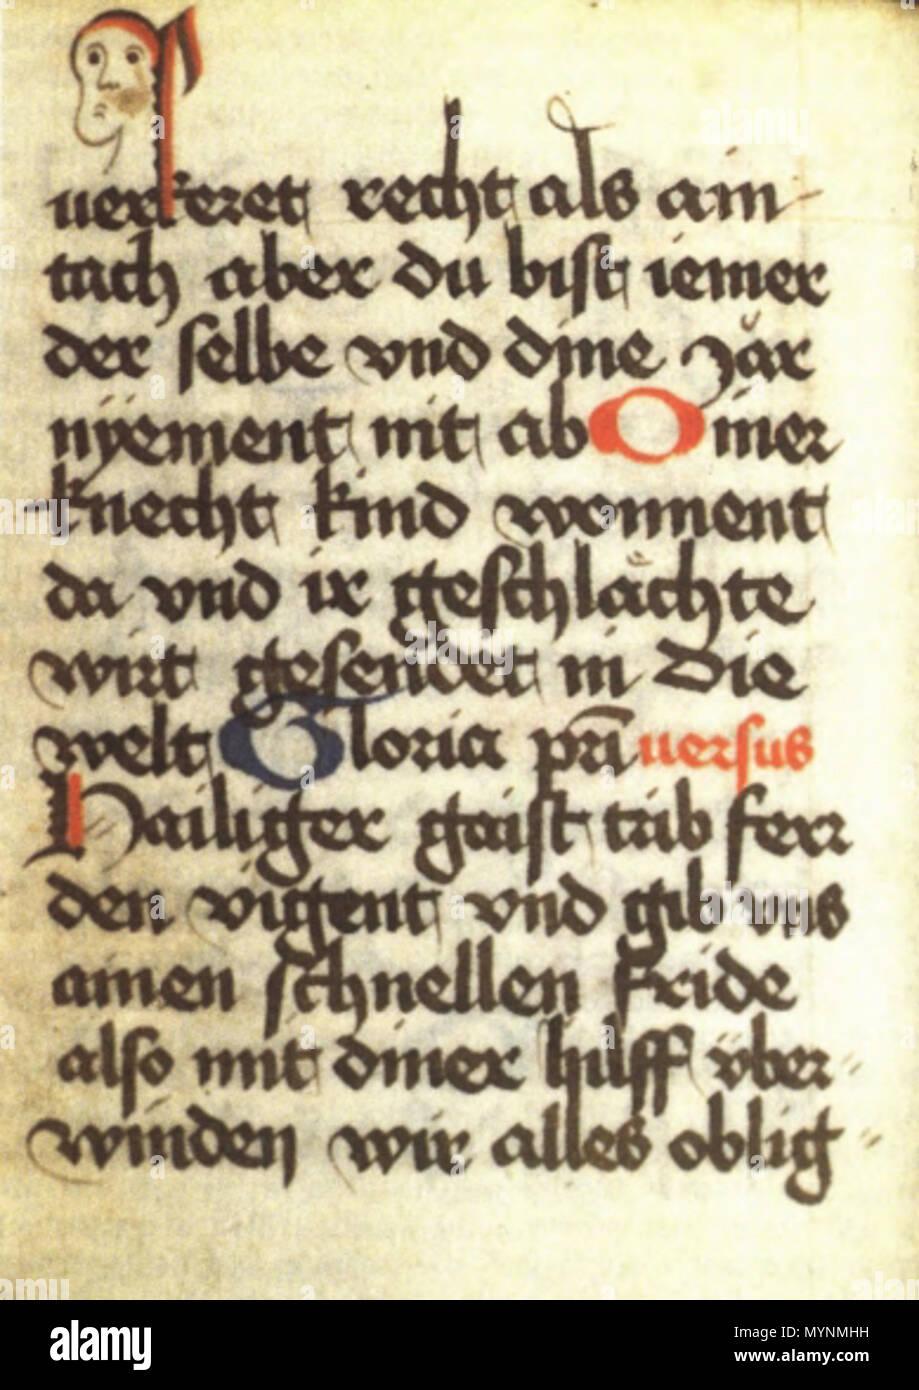 . Die rastatter Stundenbuch, Rastatt, Bibl. des Ludwig-Wilhelm-Gymnasiums, Cod. K 173. 2 Lehrwerk 15. Jahrhundert. Unbekannt 447 Rastatter stundenbuch Stockbild